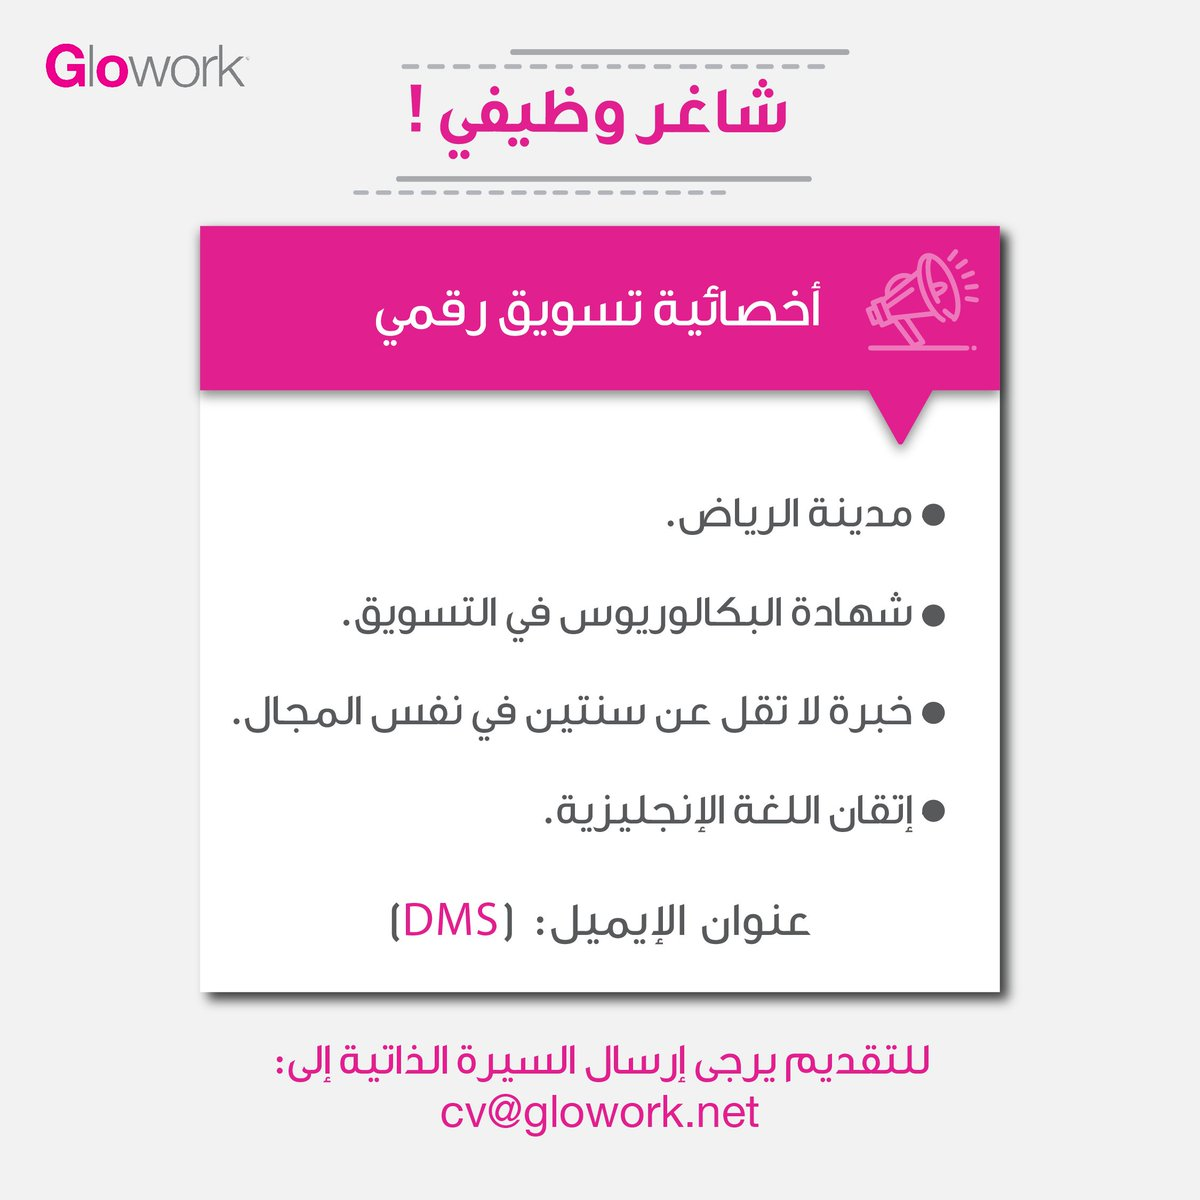 #شاغر_وظيفي في مدينة الرياض . https://t.co/BTWBVkXZGt